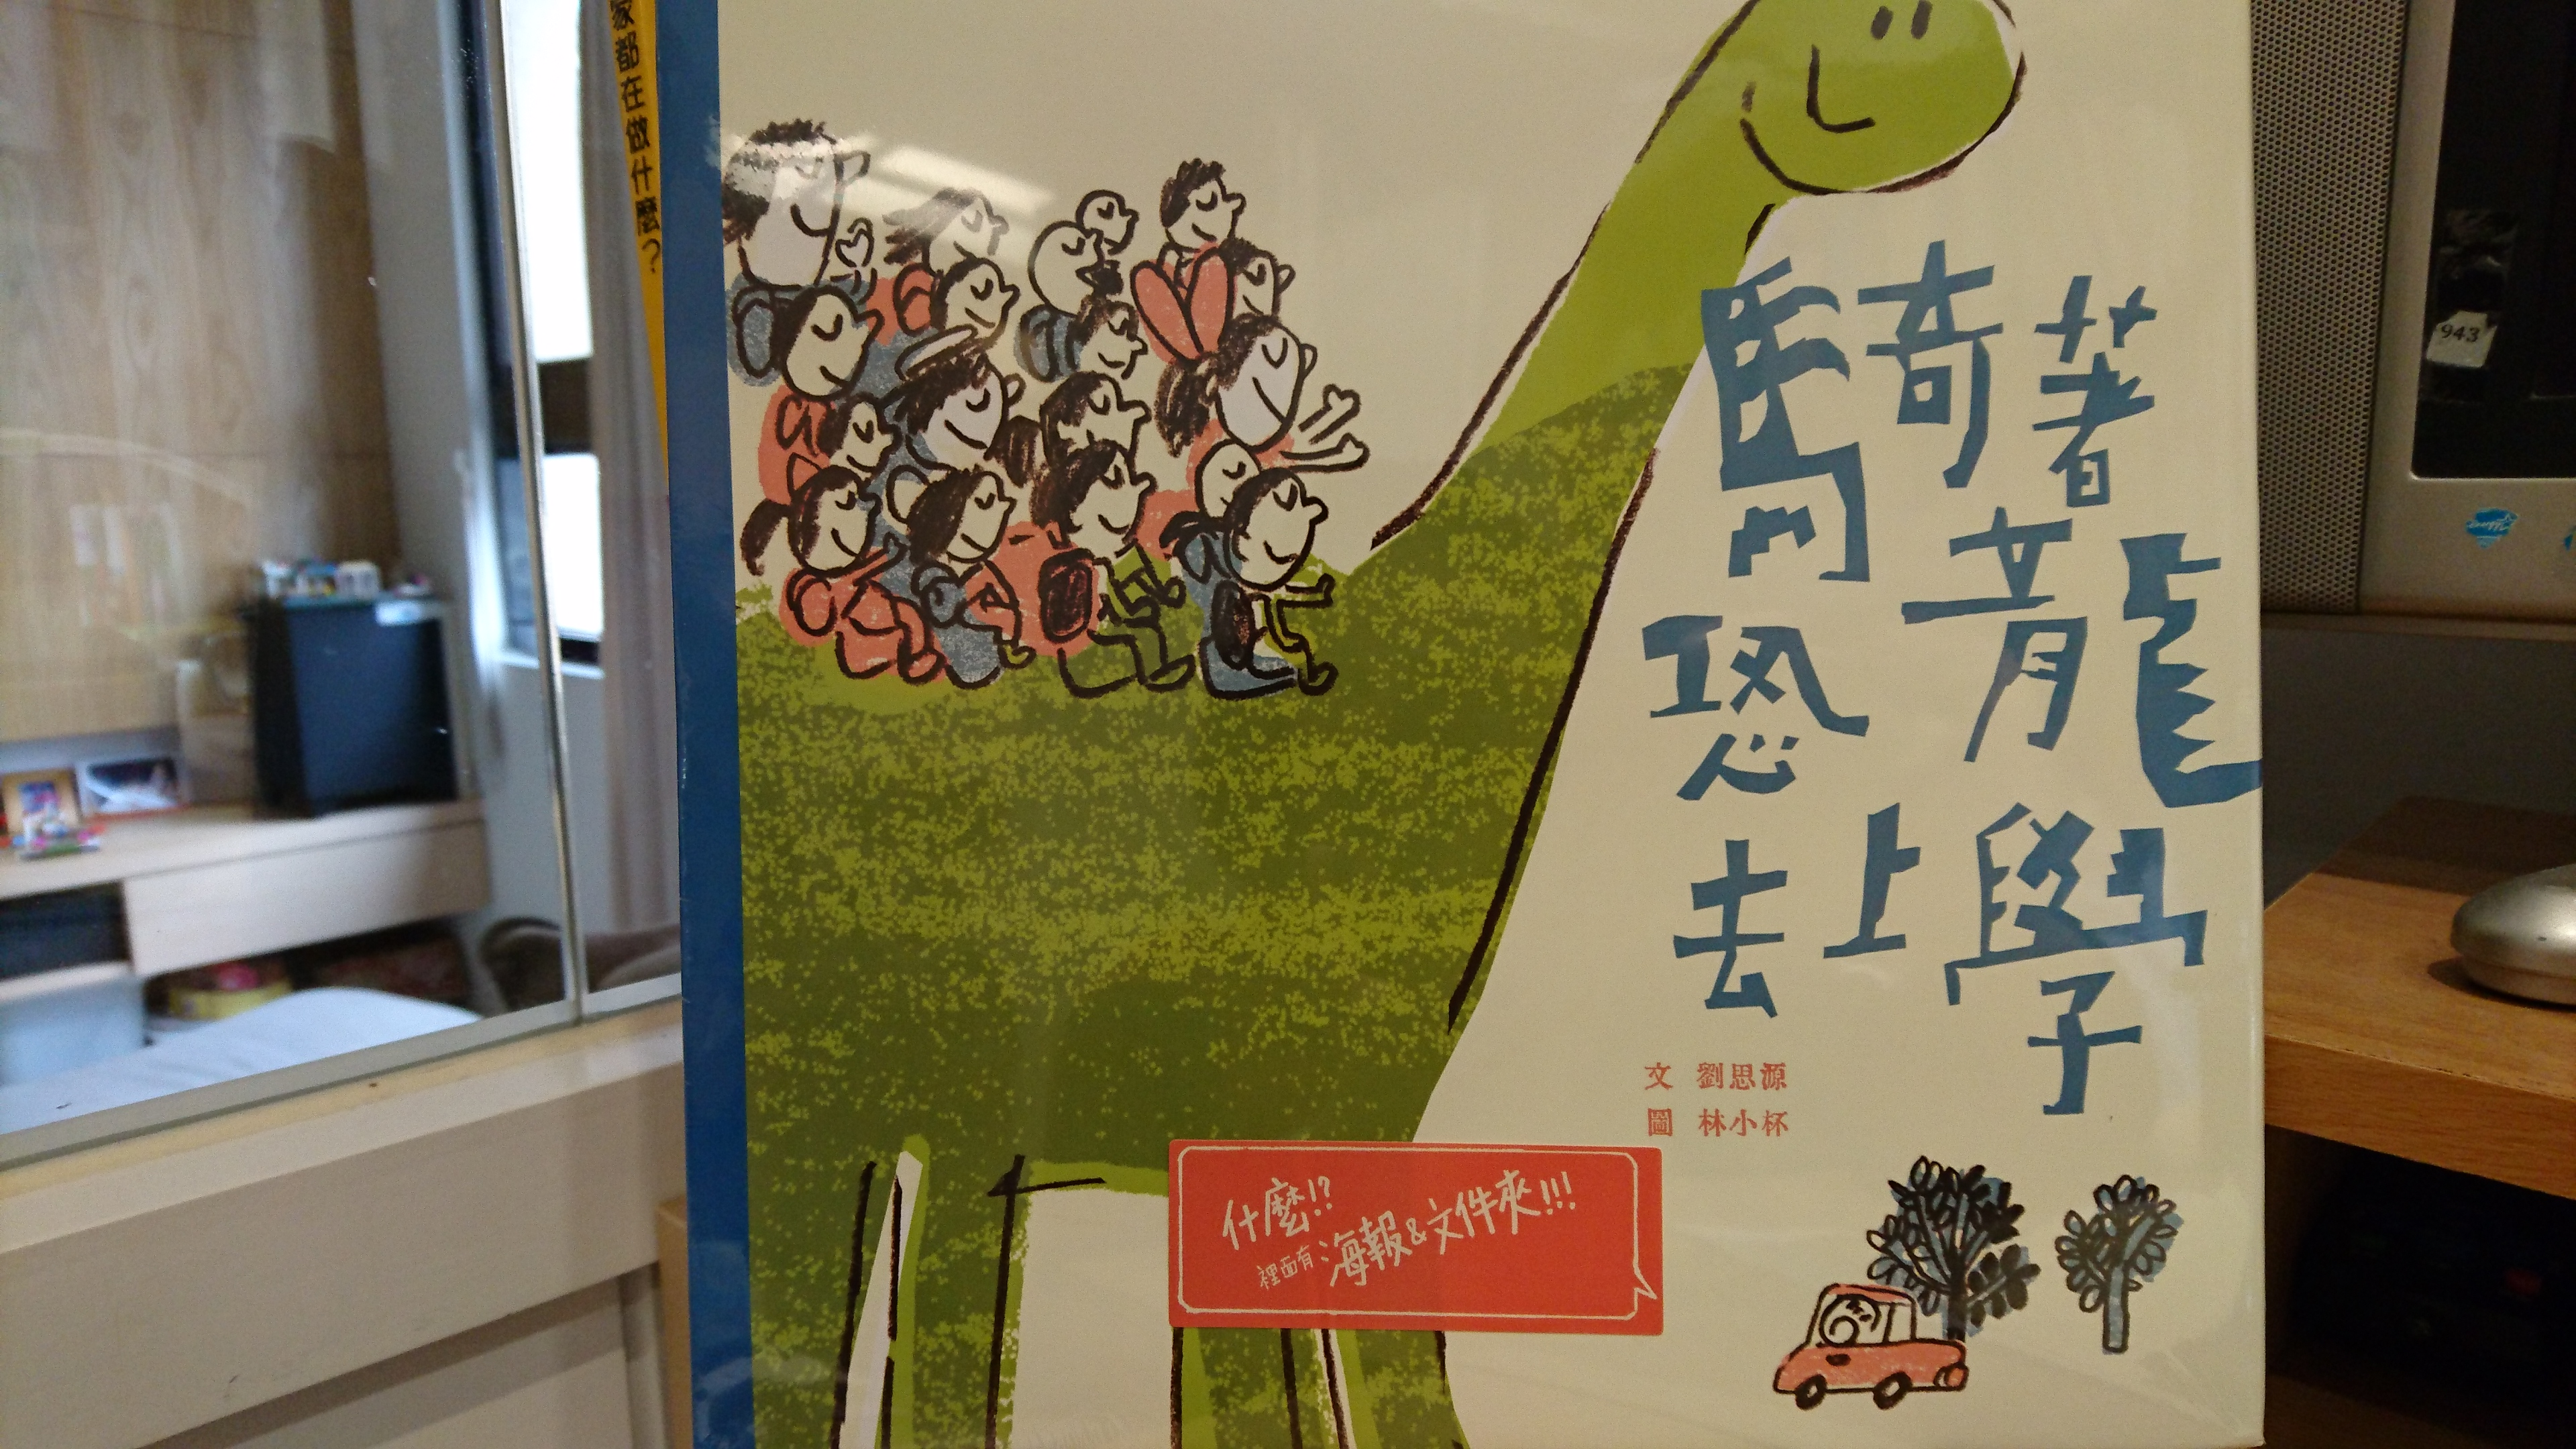 【一起說故事】騎著恐龍去上學 (文︱劉思源; 圖︱林小杯) – 安佐愛讀書